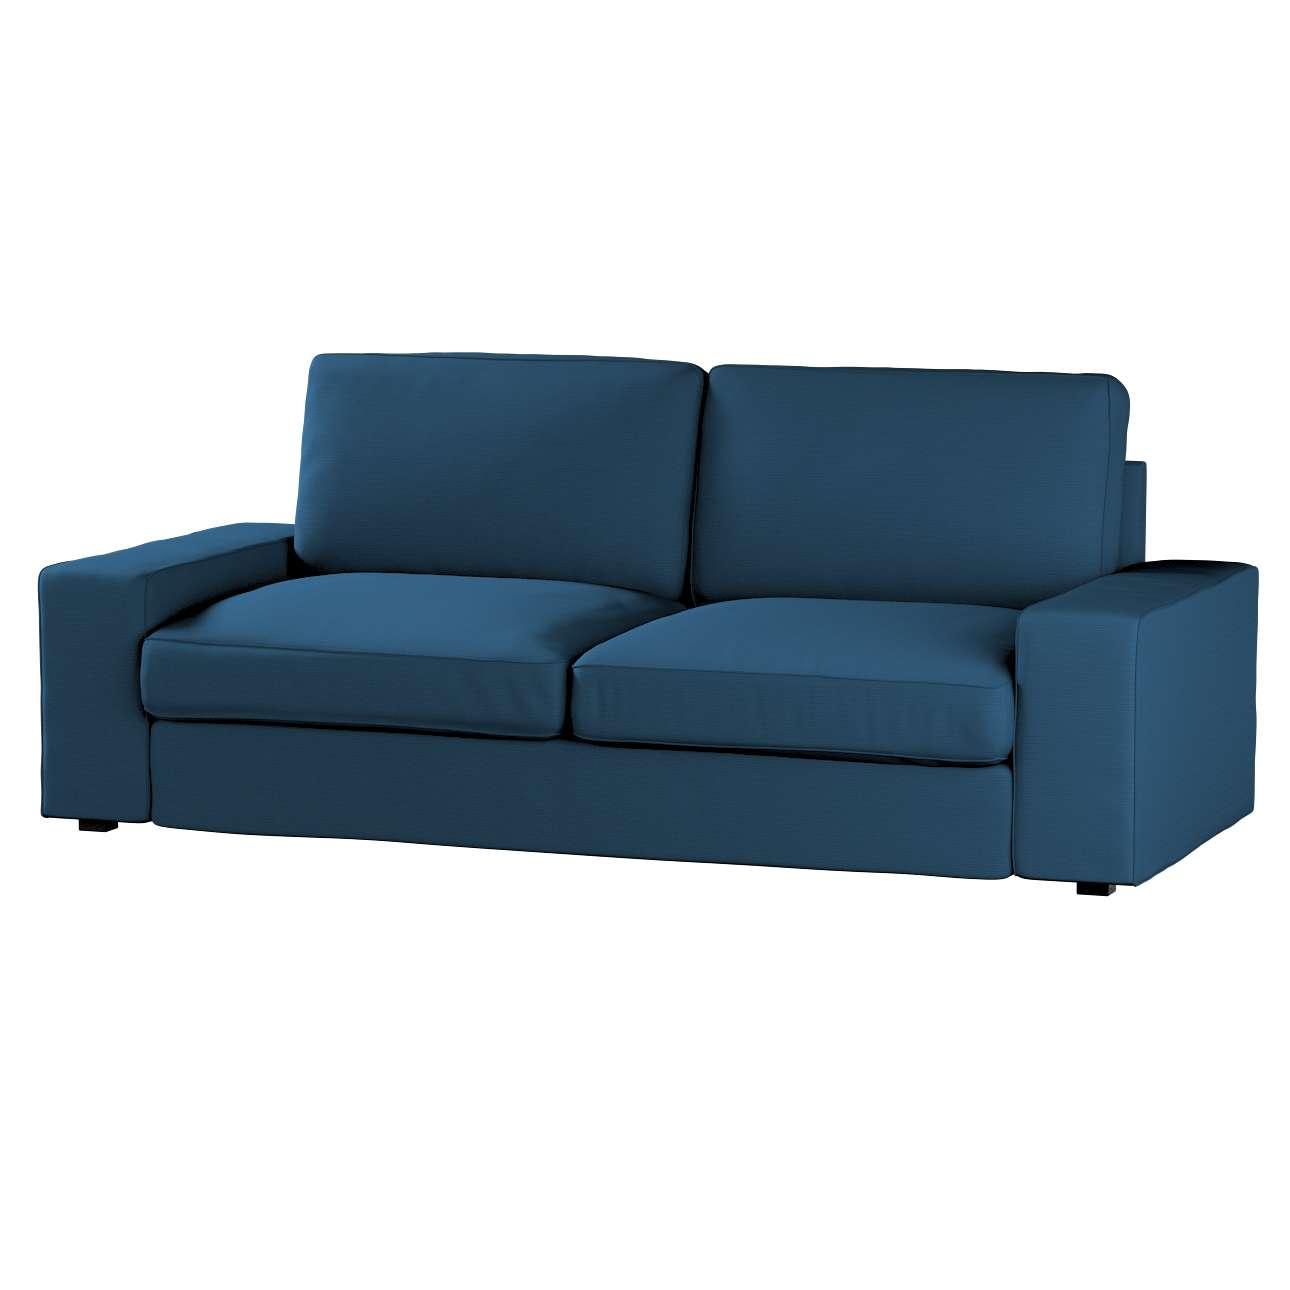 Pokrowiec na sofę Kivik 3-osobową, rozkładaną Sofa Kivik 3-osobowa rozkładana w kolekcji Cotton Panama, tkanina: 702-30